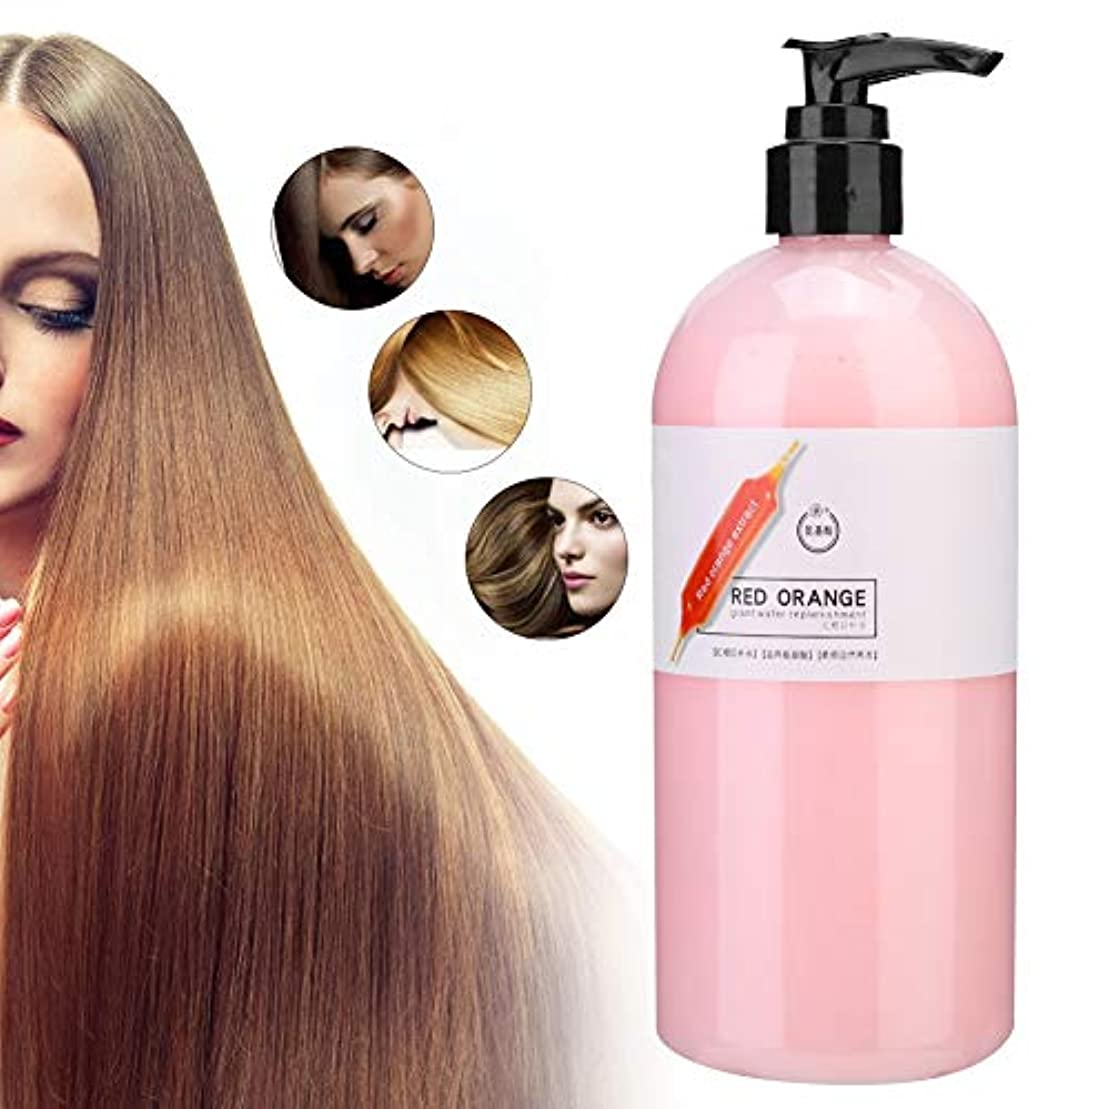 掃くシソーラスポジションナリッシングリペアシャンプー、500 ml保湿オイルコントロールふけ防止シャンプー 栄養 修理 ふけ防止 保湿シャンプー すべての髪のタイプに適し